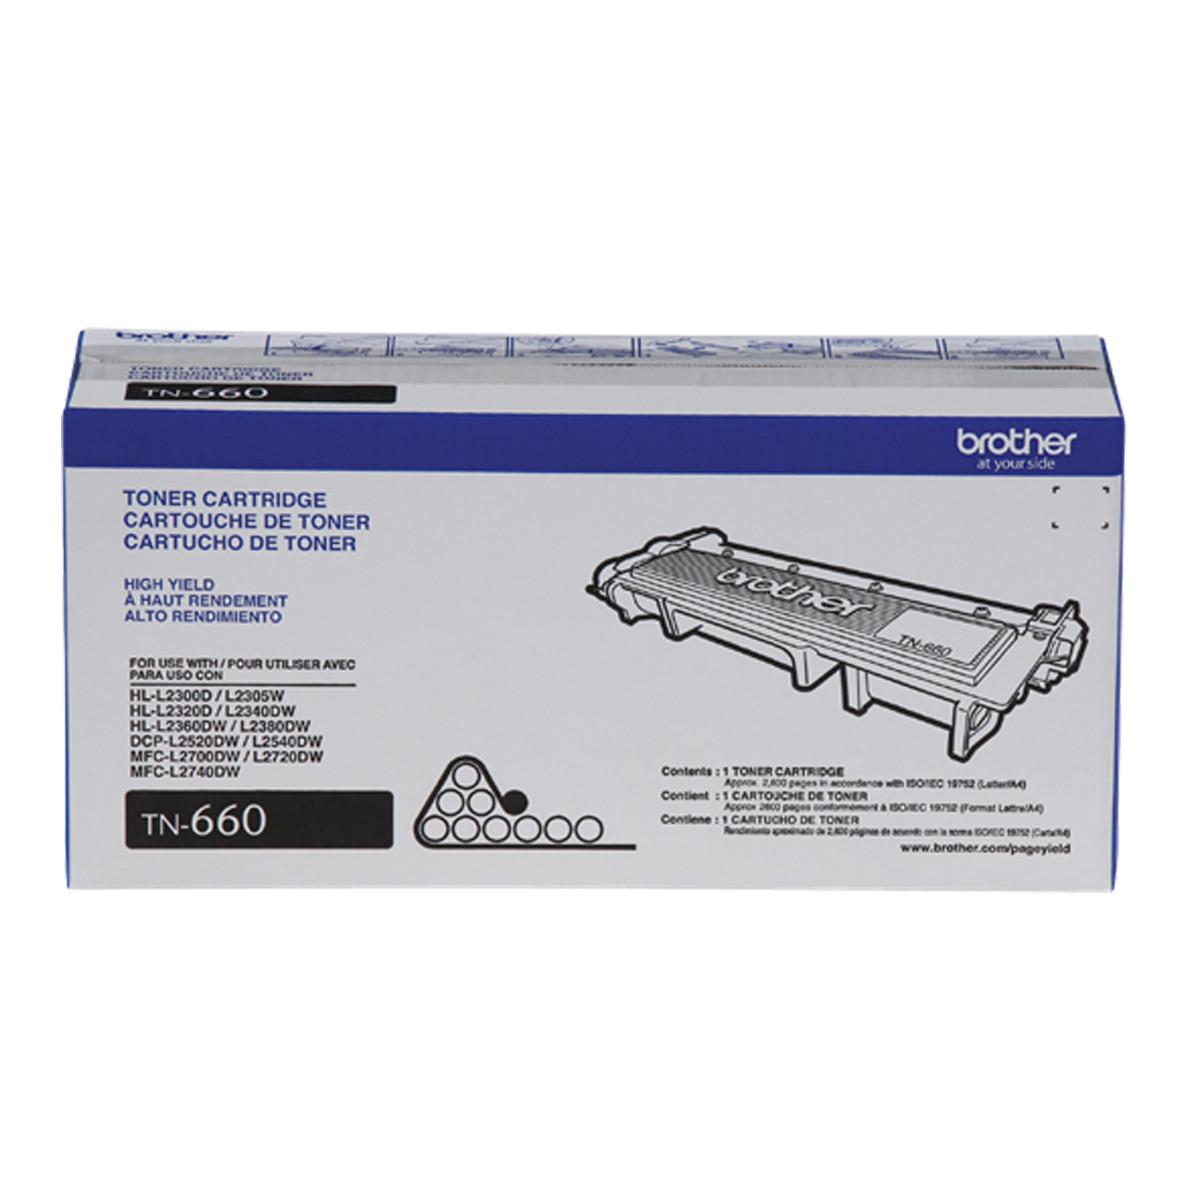 Toner Brother TN660 | DCP-L2540 DCP-L2520 MFC-L2740 MFC-L2700 MFC-L2720 HL-L2360 | Original 2.6k